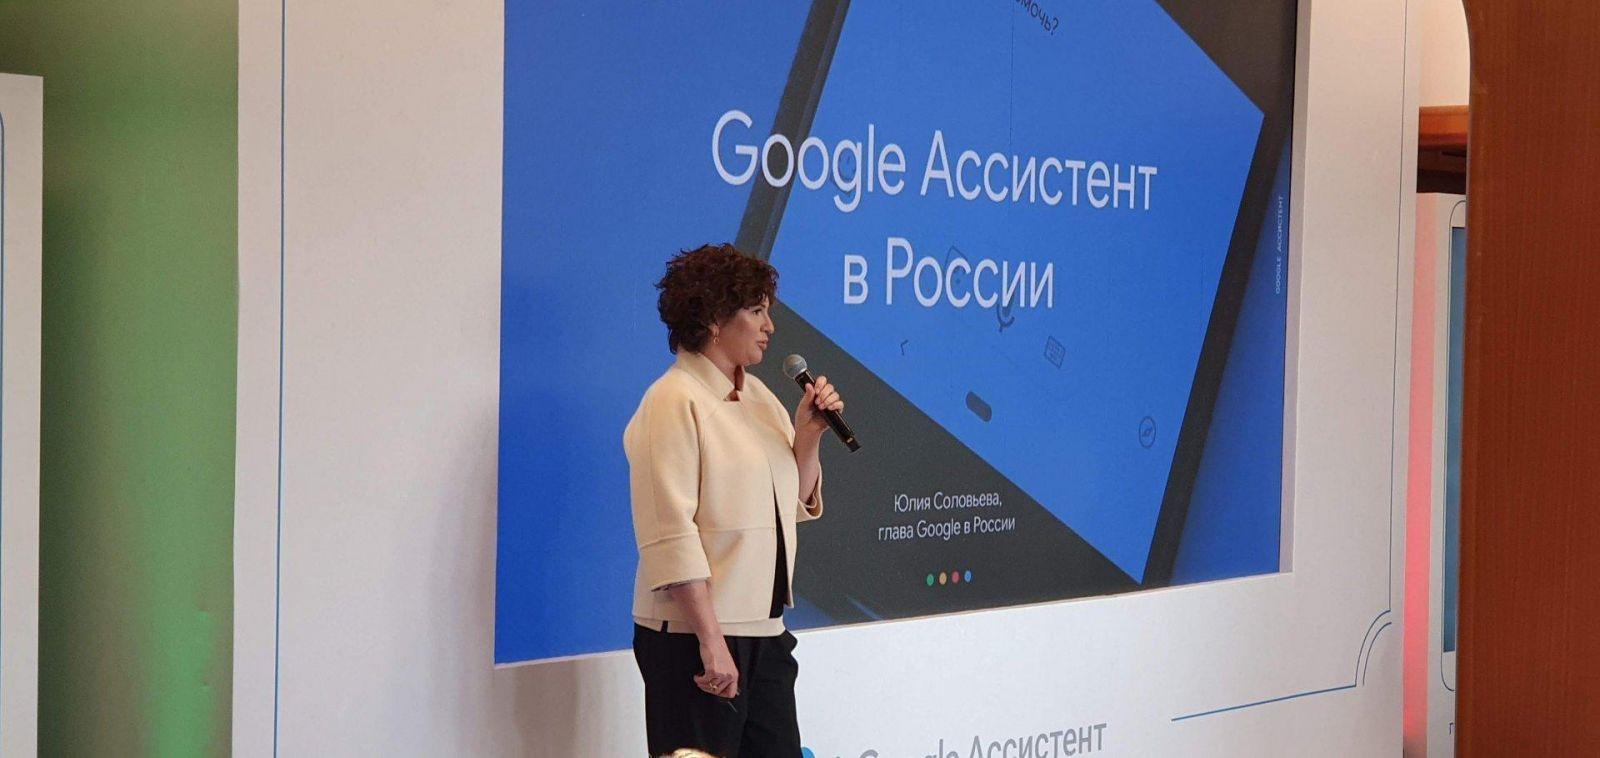 Google Ассистент в России получил новые возможности (20190404 180644)